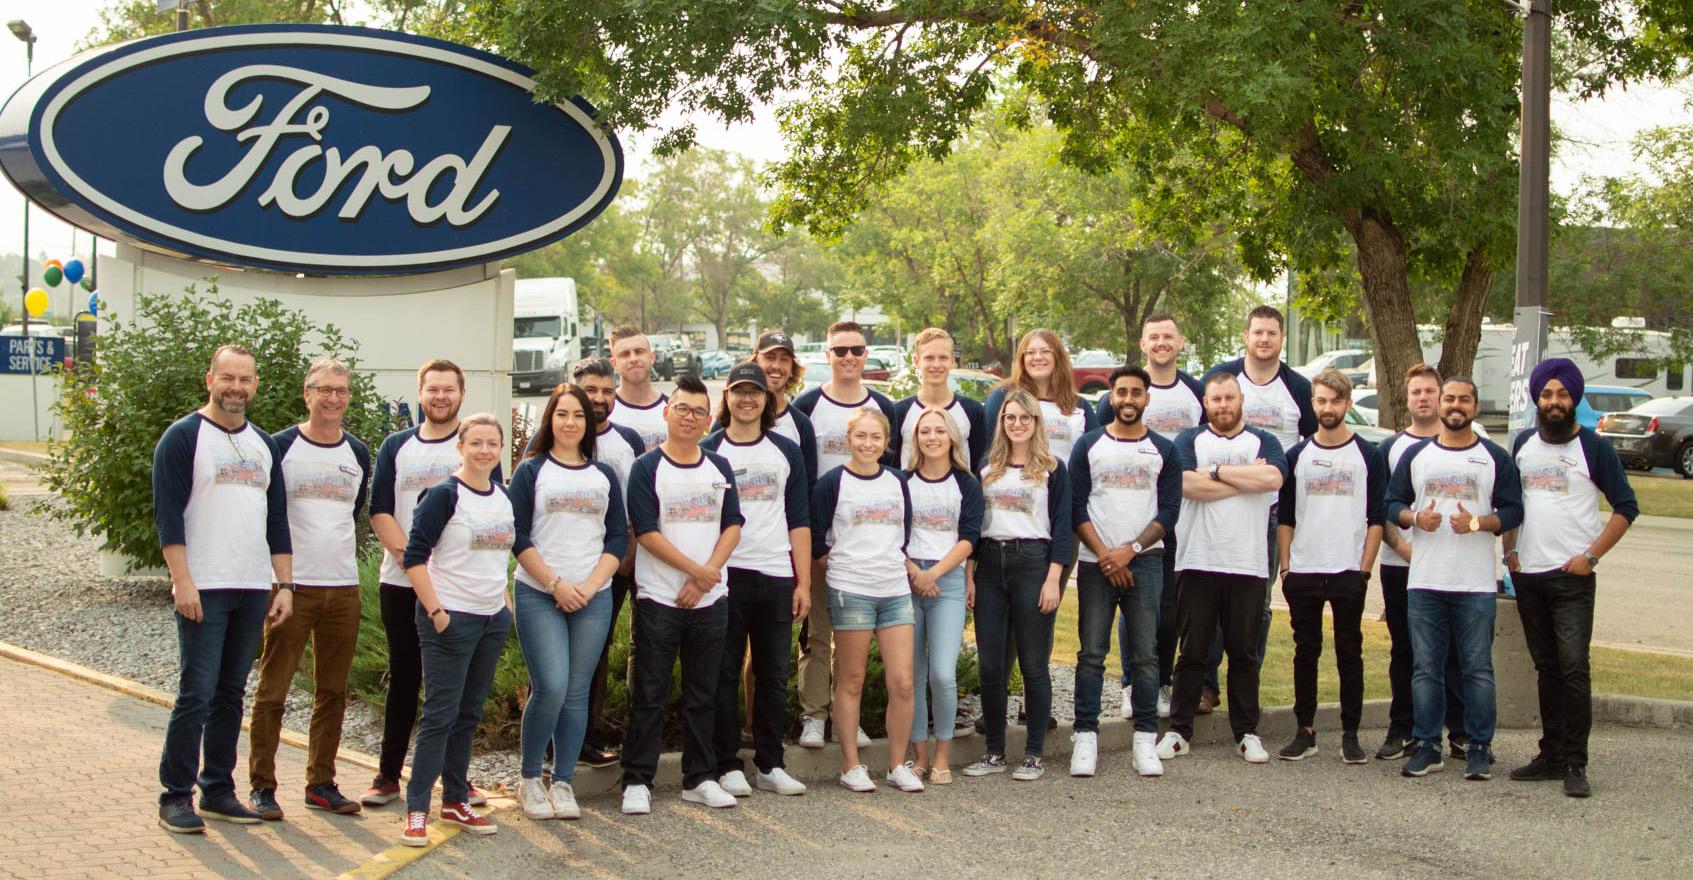 Maclin Ford team photo